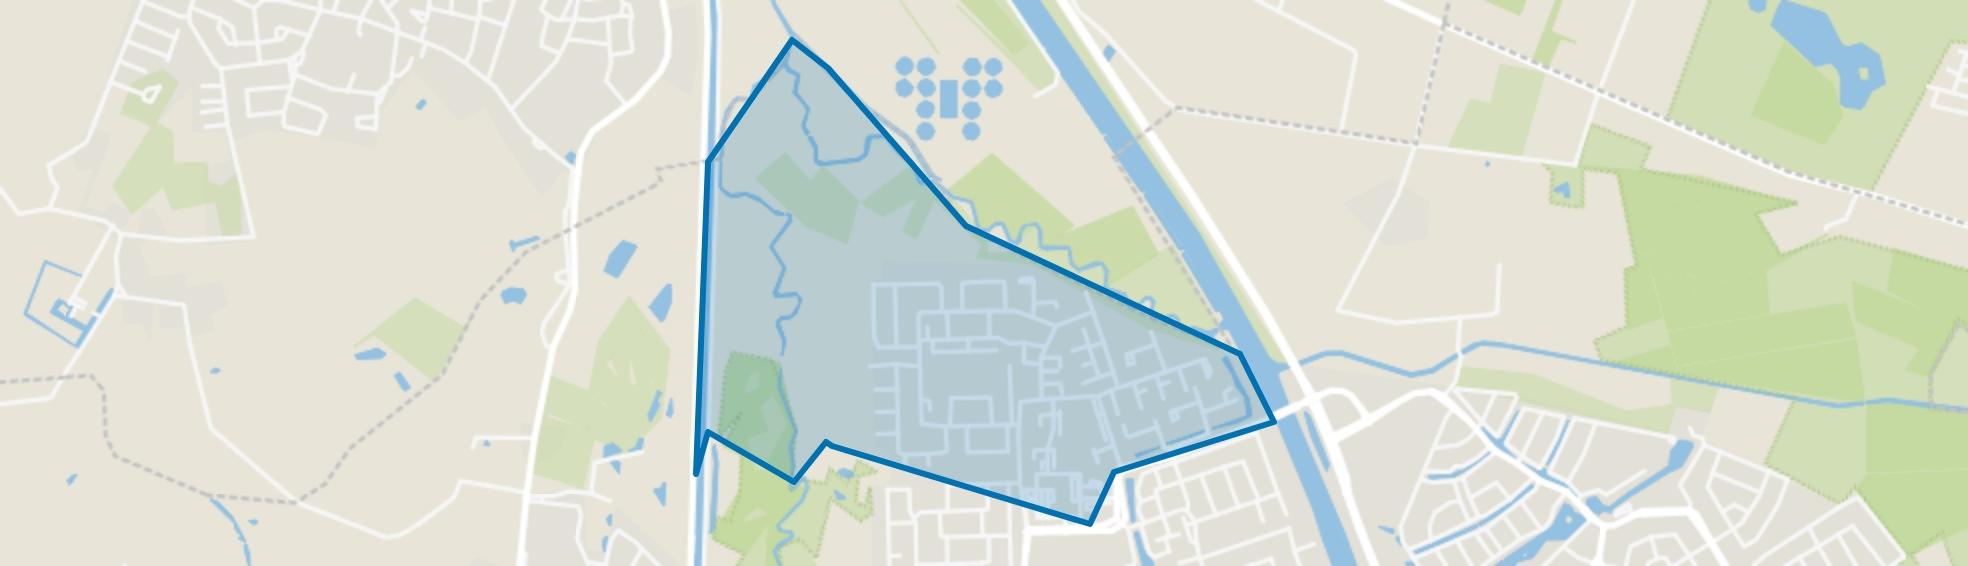 Eeuwsels, Helmond map